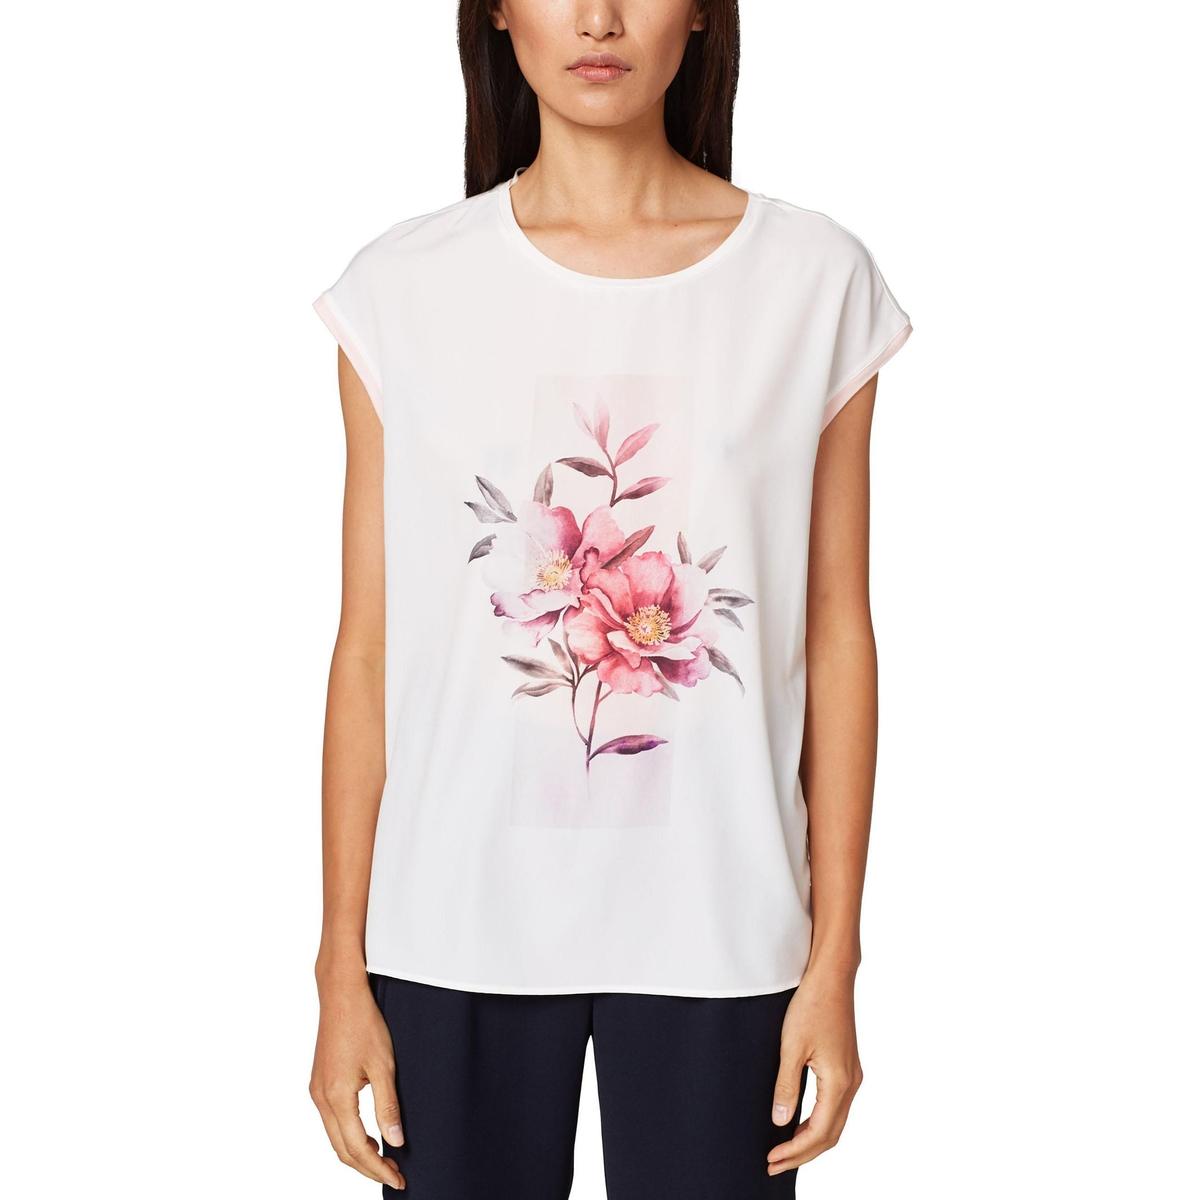 Camiseta de manga corta con motivo de flores y cuello redondo